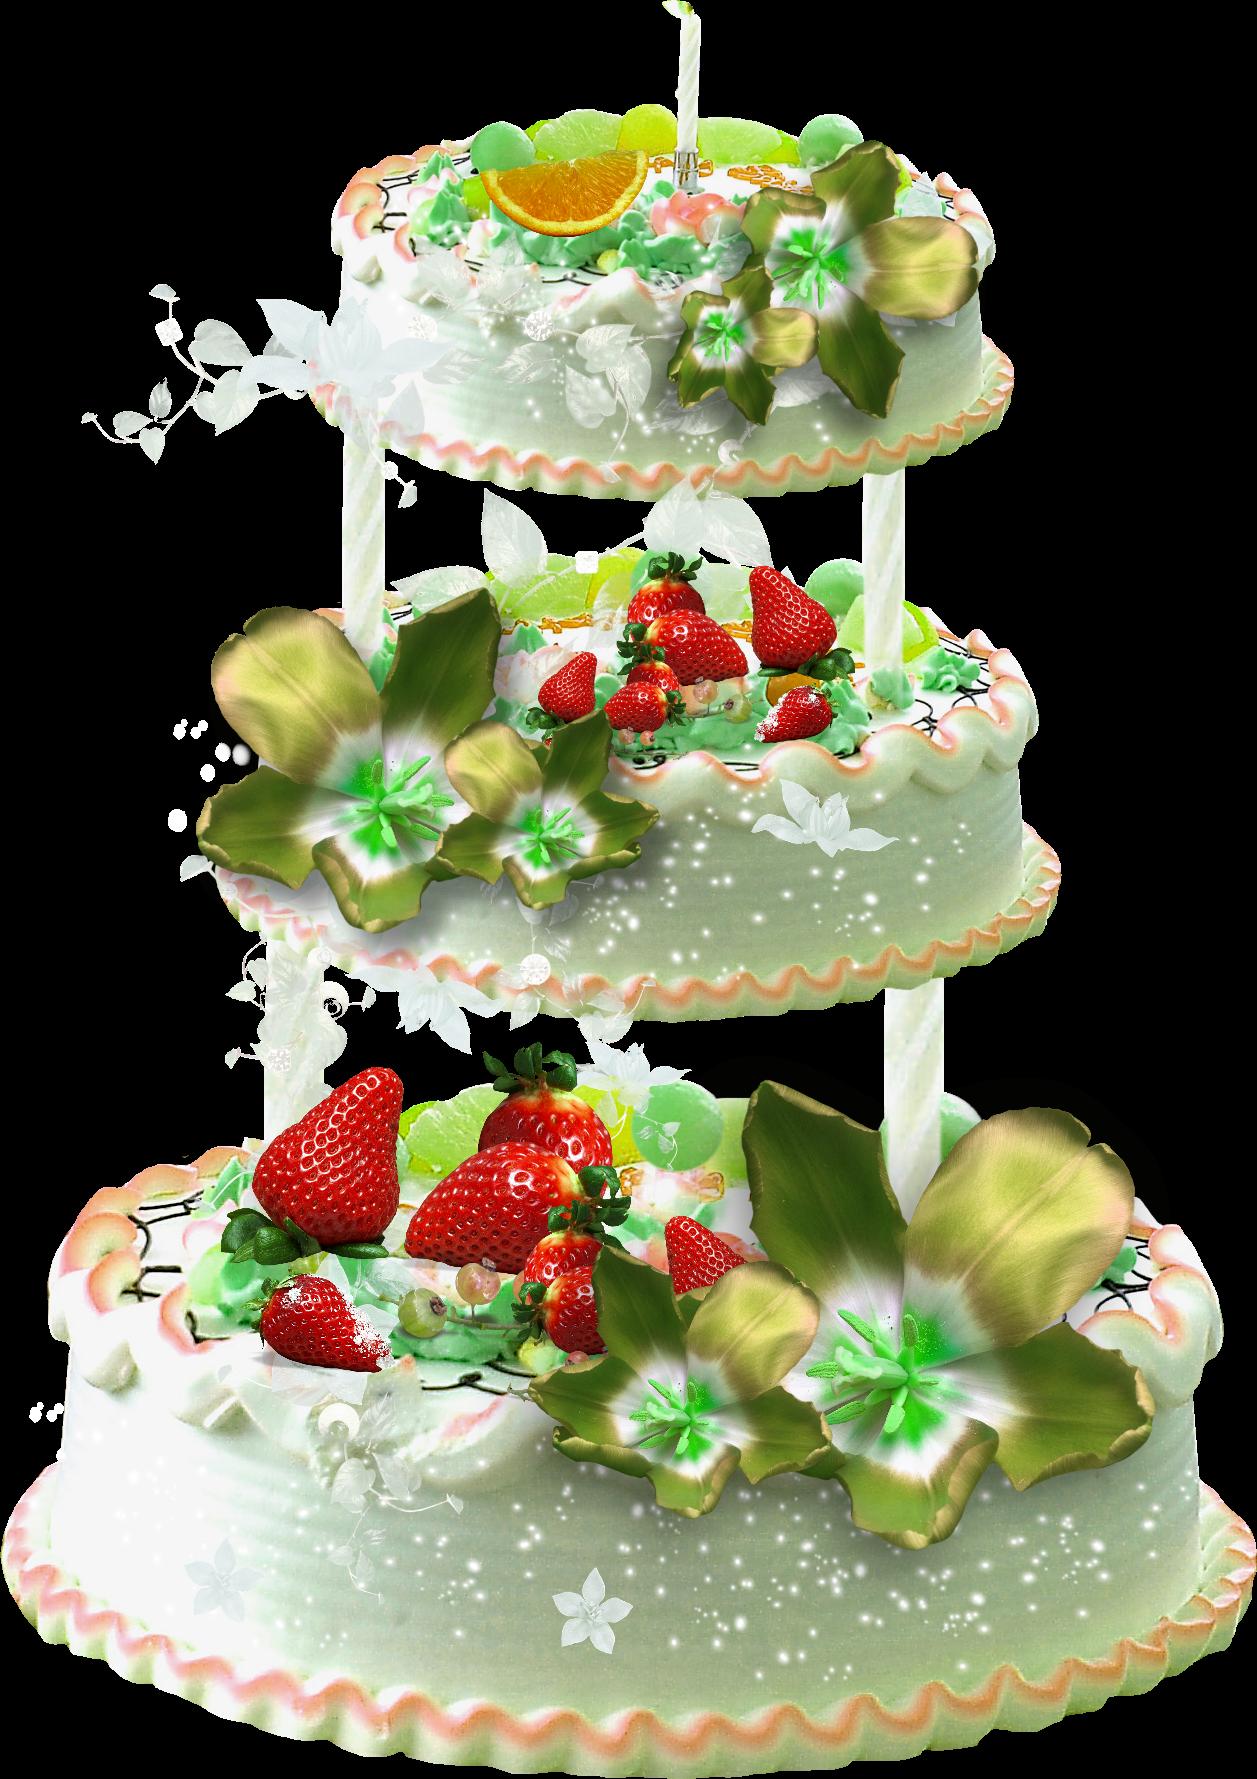 Картинки анимированный торт